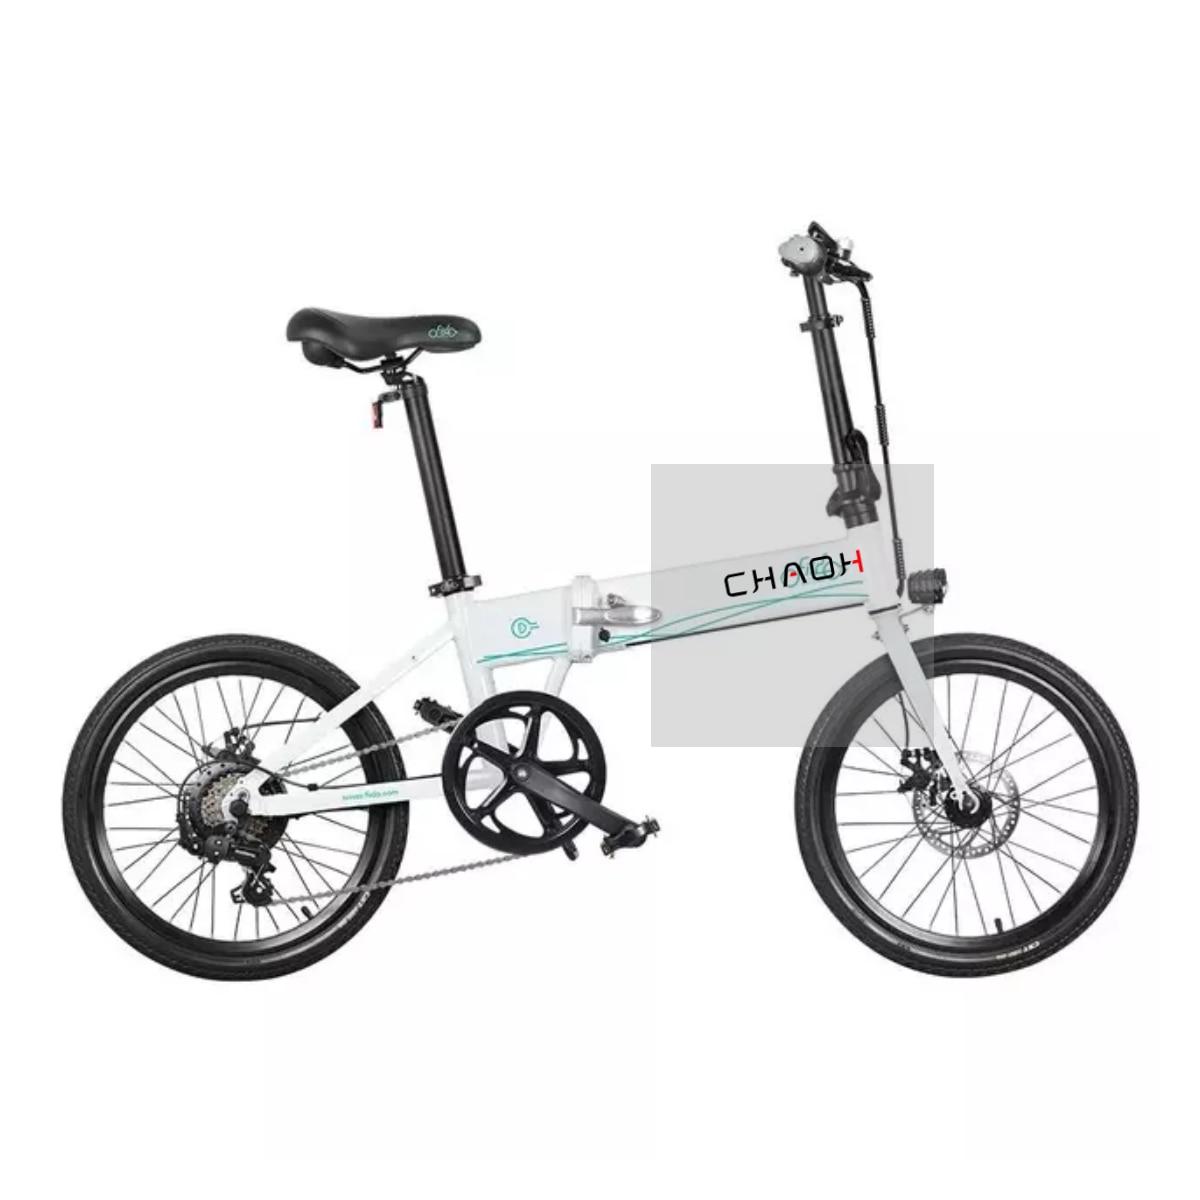 Bicicleta eléctrica plegable D4S, almacén europeo